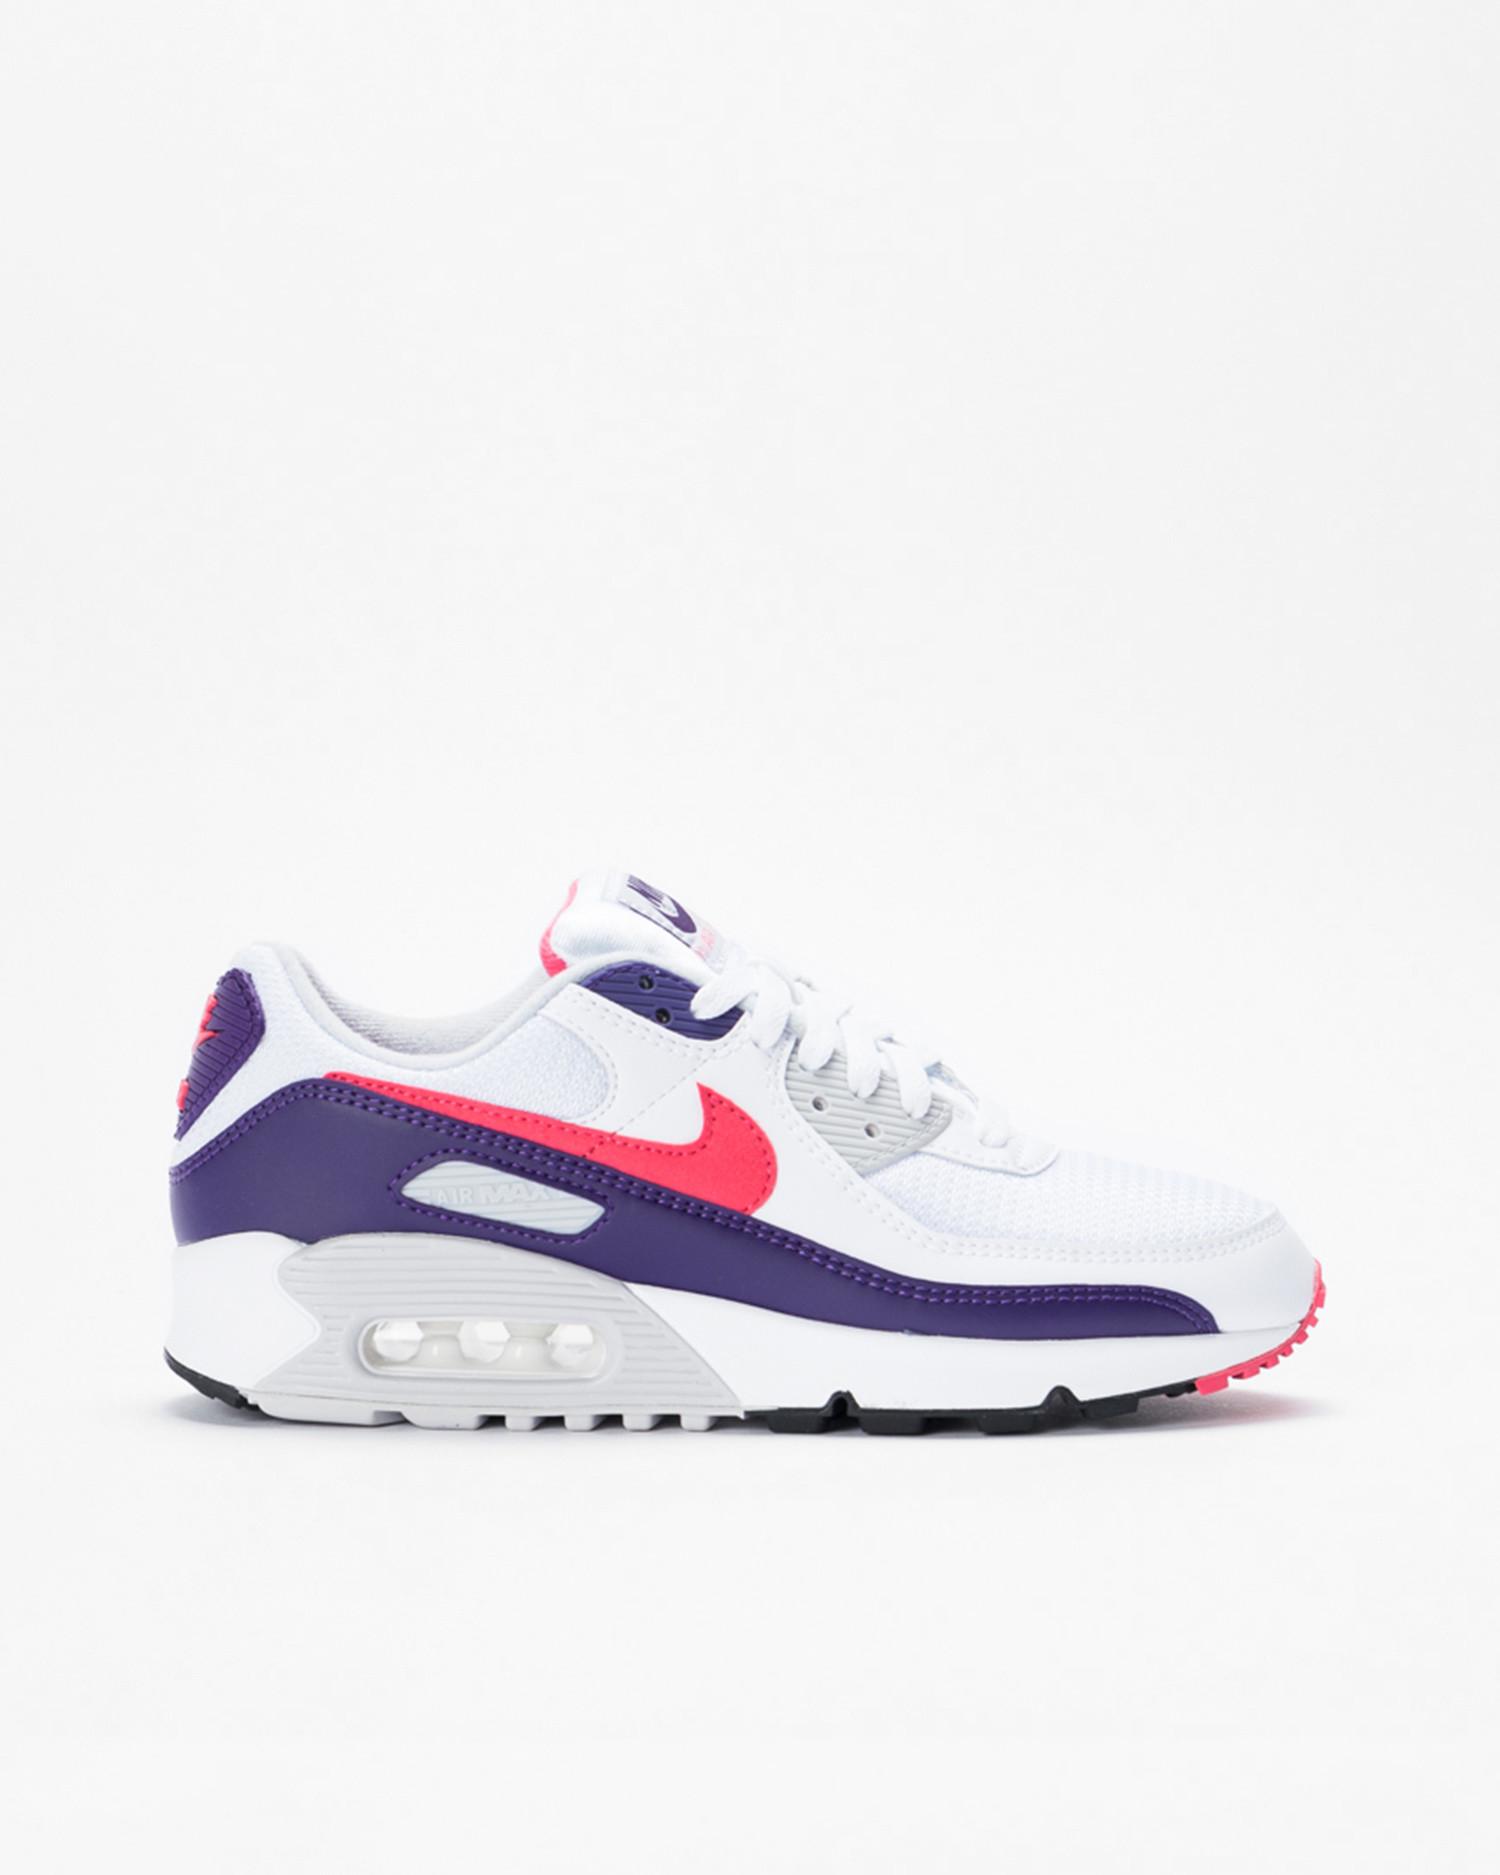 Nike air max III White/eggplant-flare-zen grey